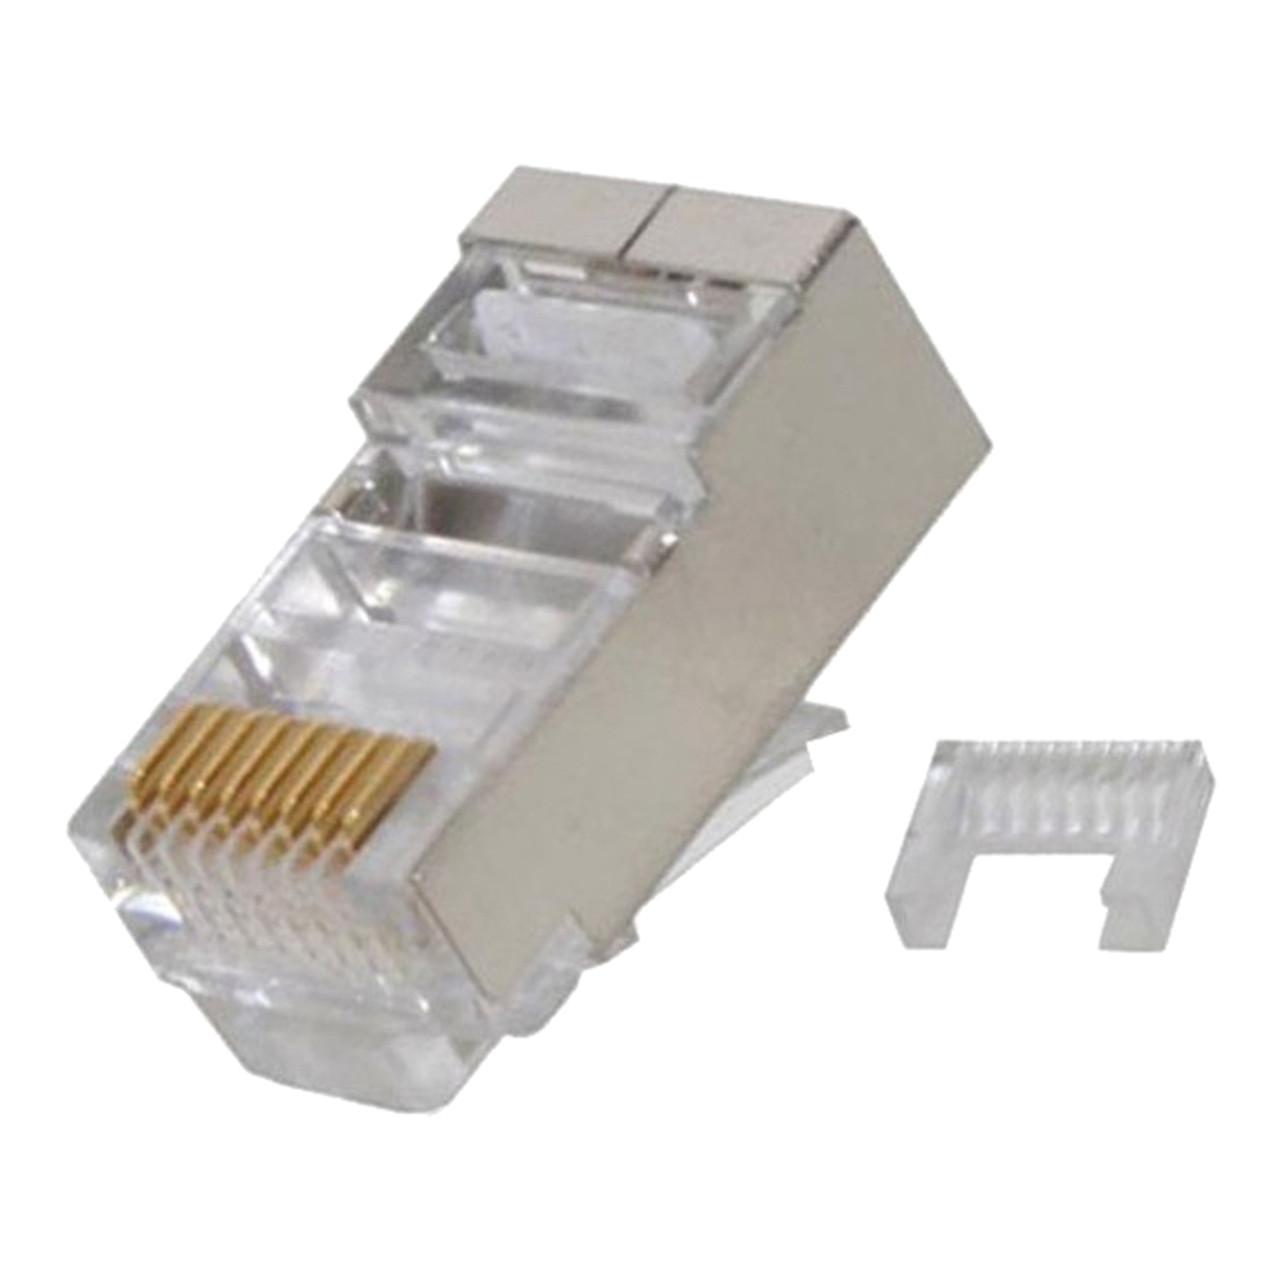 quest nmp 8825 modular plugs 100 pack cat6 rj45 shielded 8p8c  [ 1000 x 1000 Pixel ]